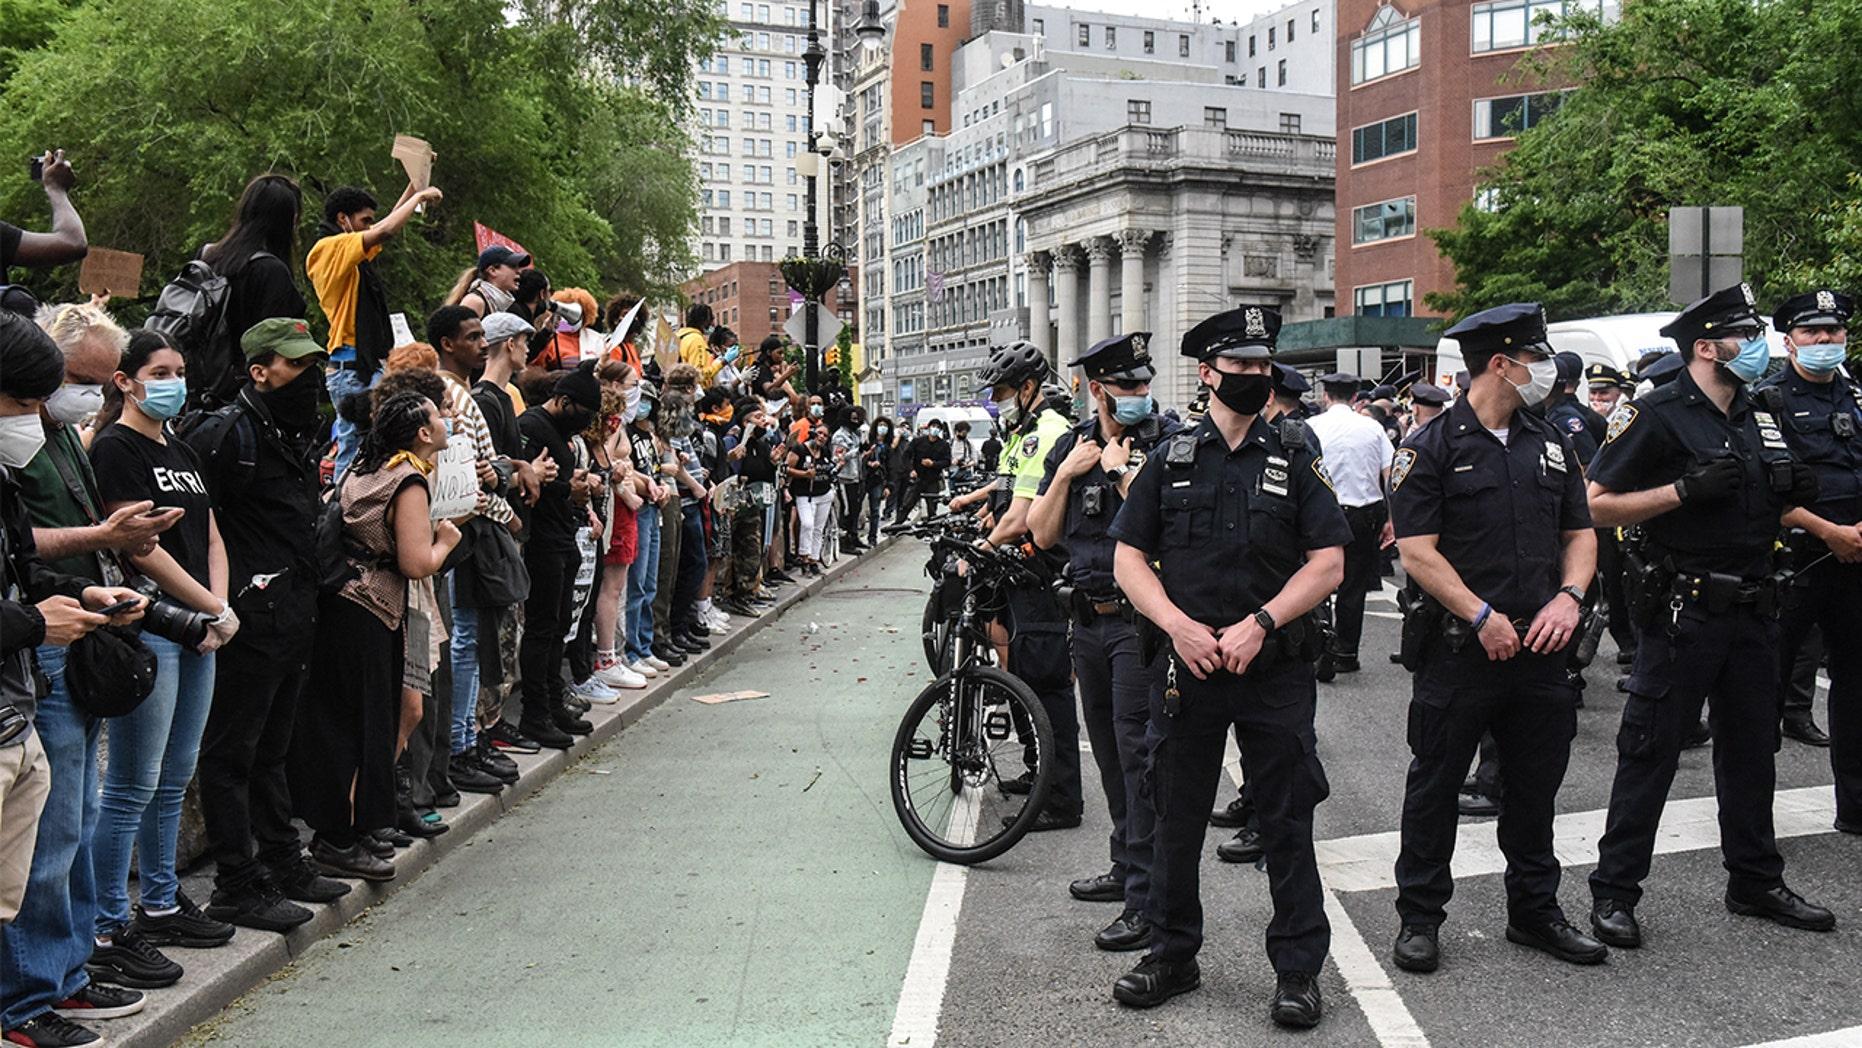 https://a57.foxnews.com/static.foxnews.com/foxnews.com/content/uploads/2020/05/1862/1048/NYC-Protests-1.jpg